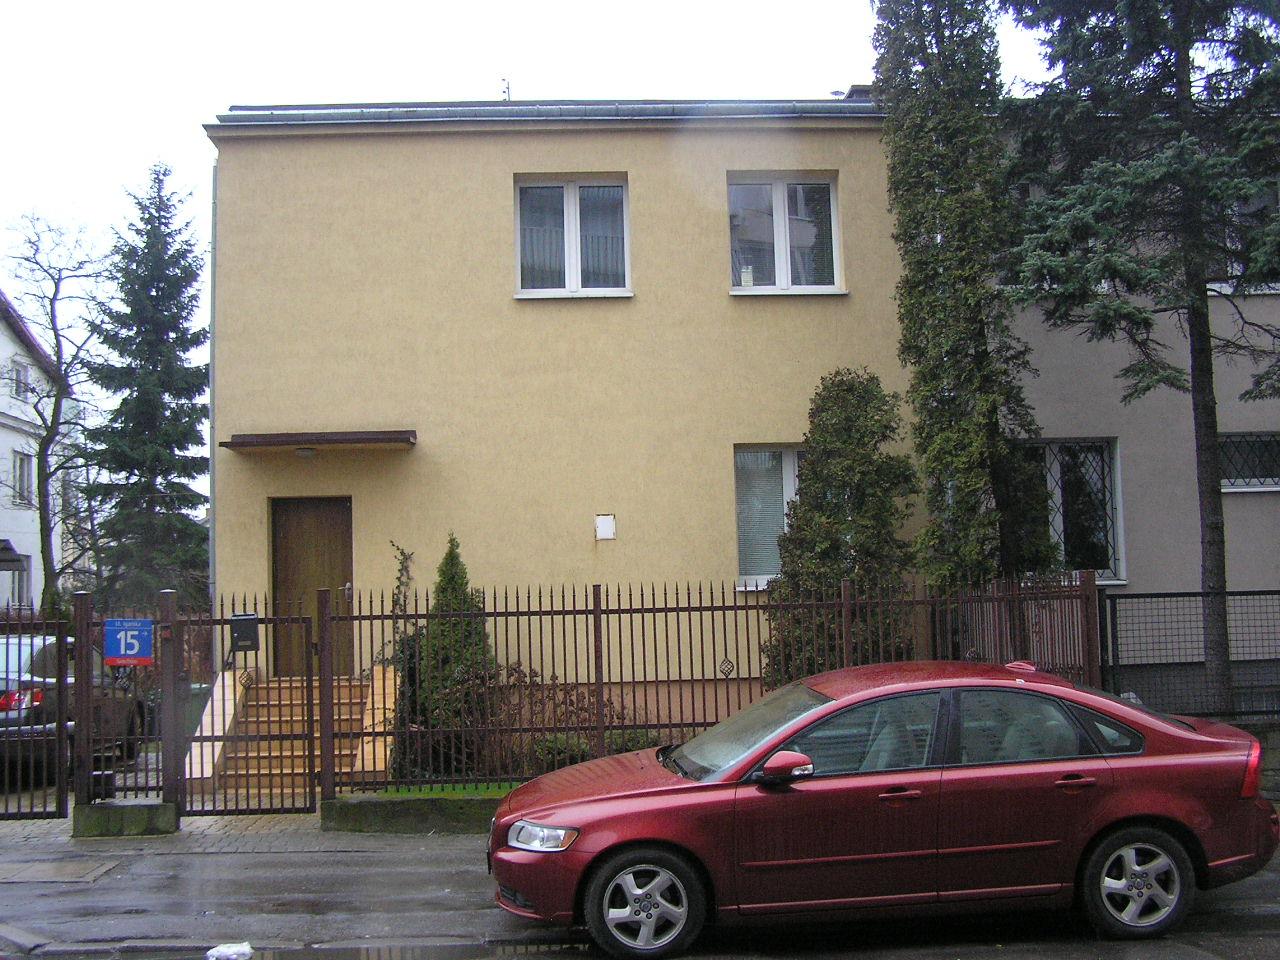 Dom przy ulicy Igańskiej 15 na Grochowie